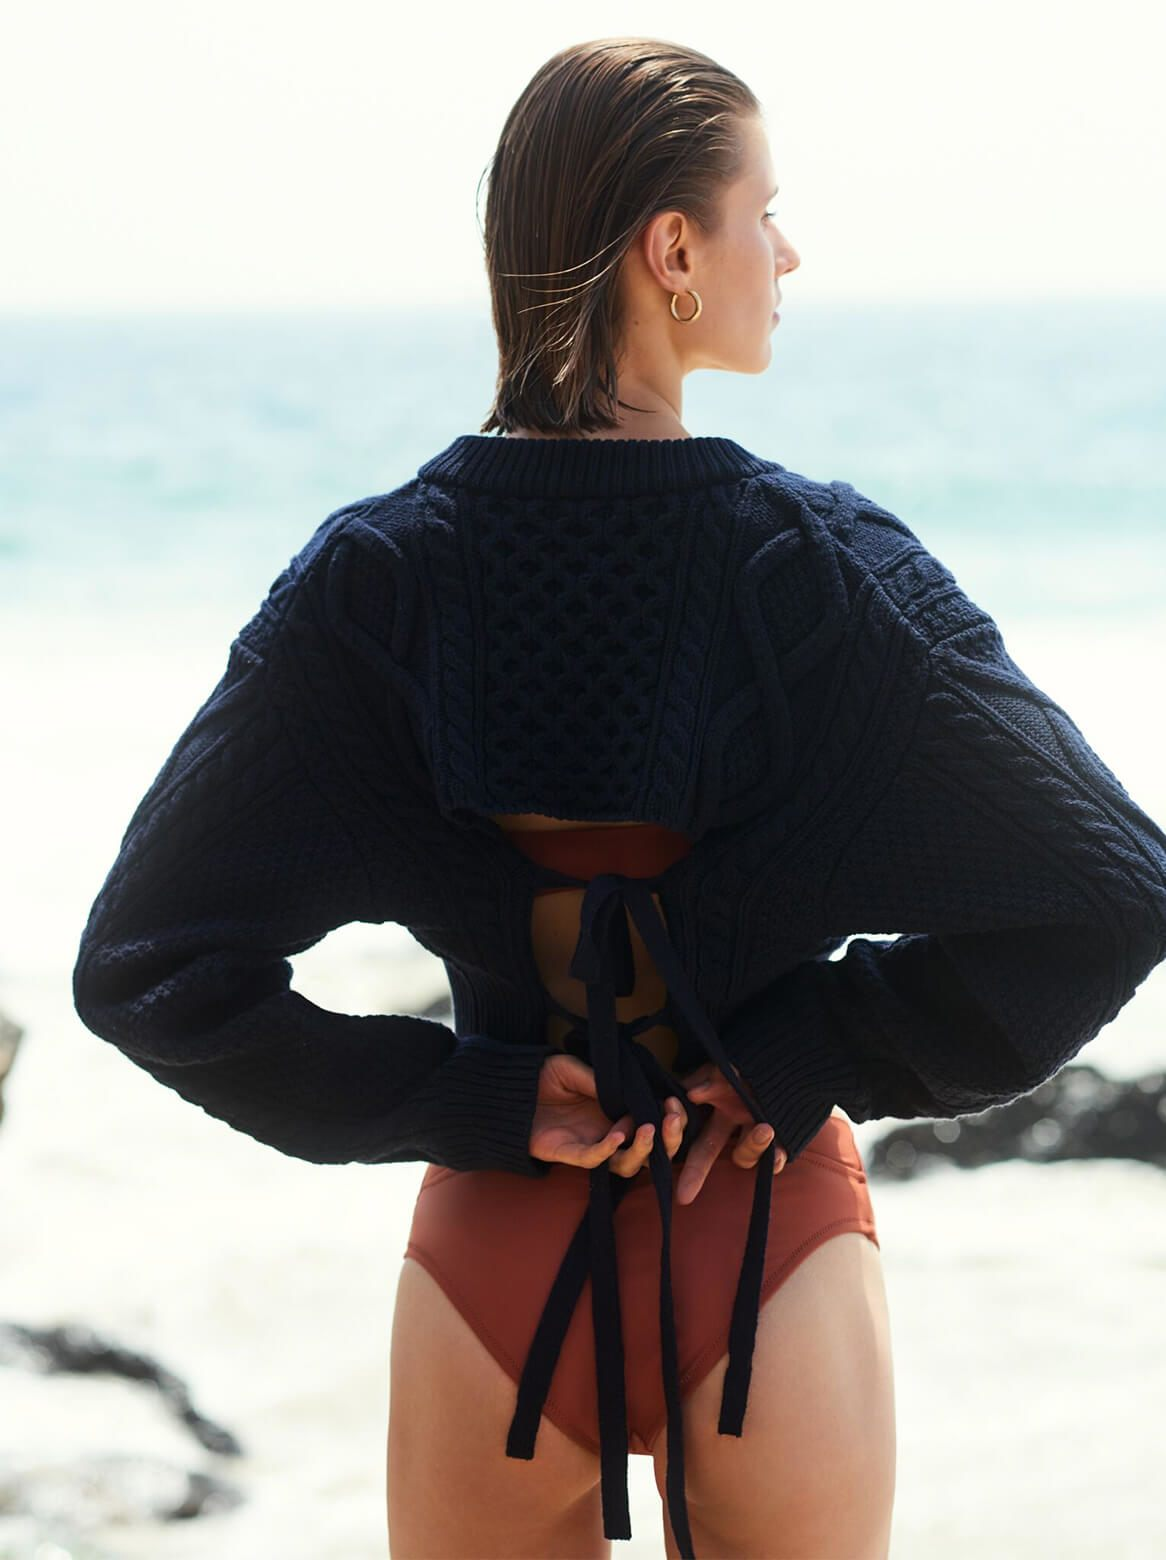 Model with STATIC SWIMWEAR Bikini